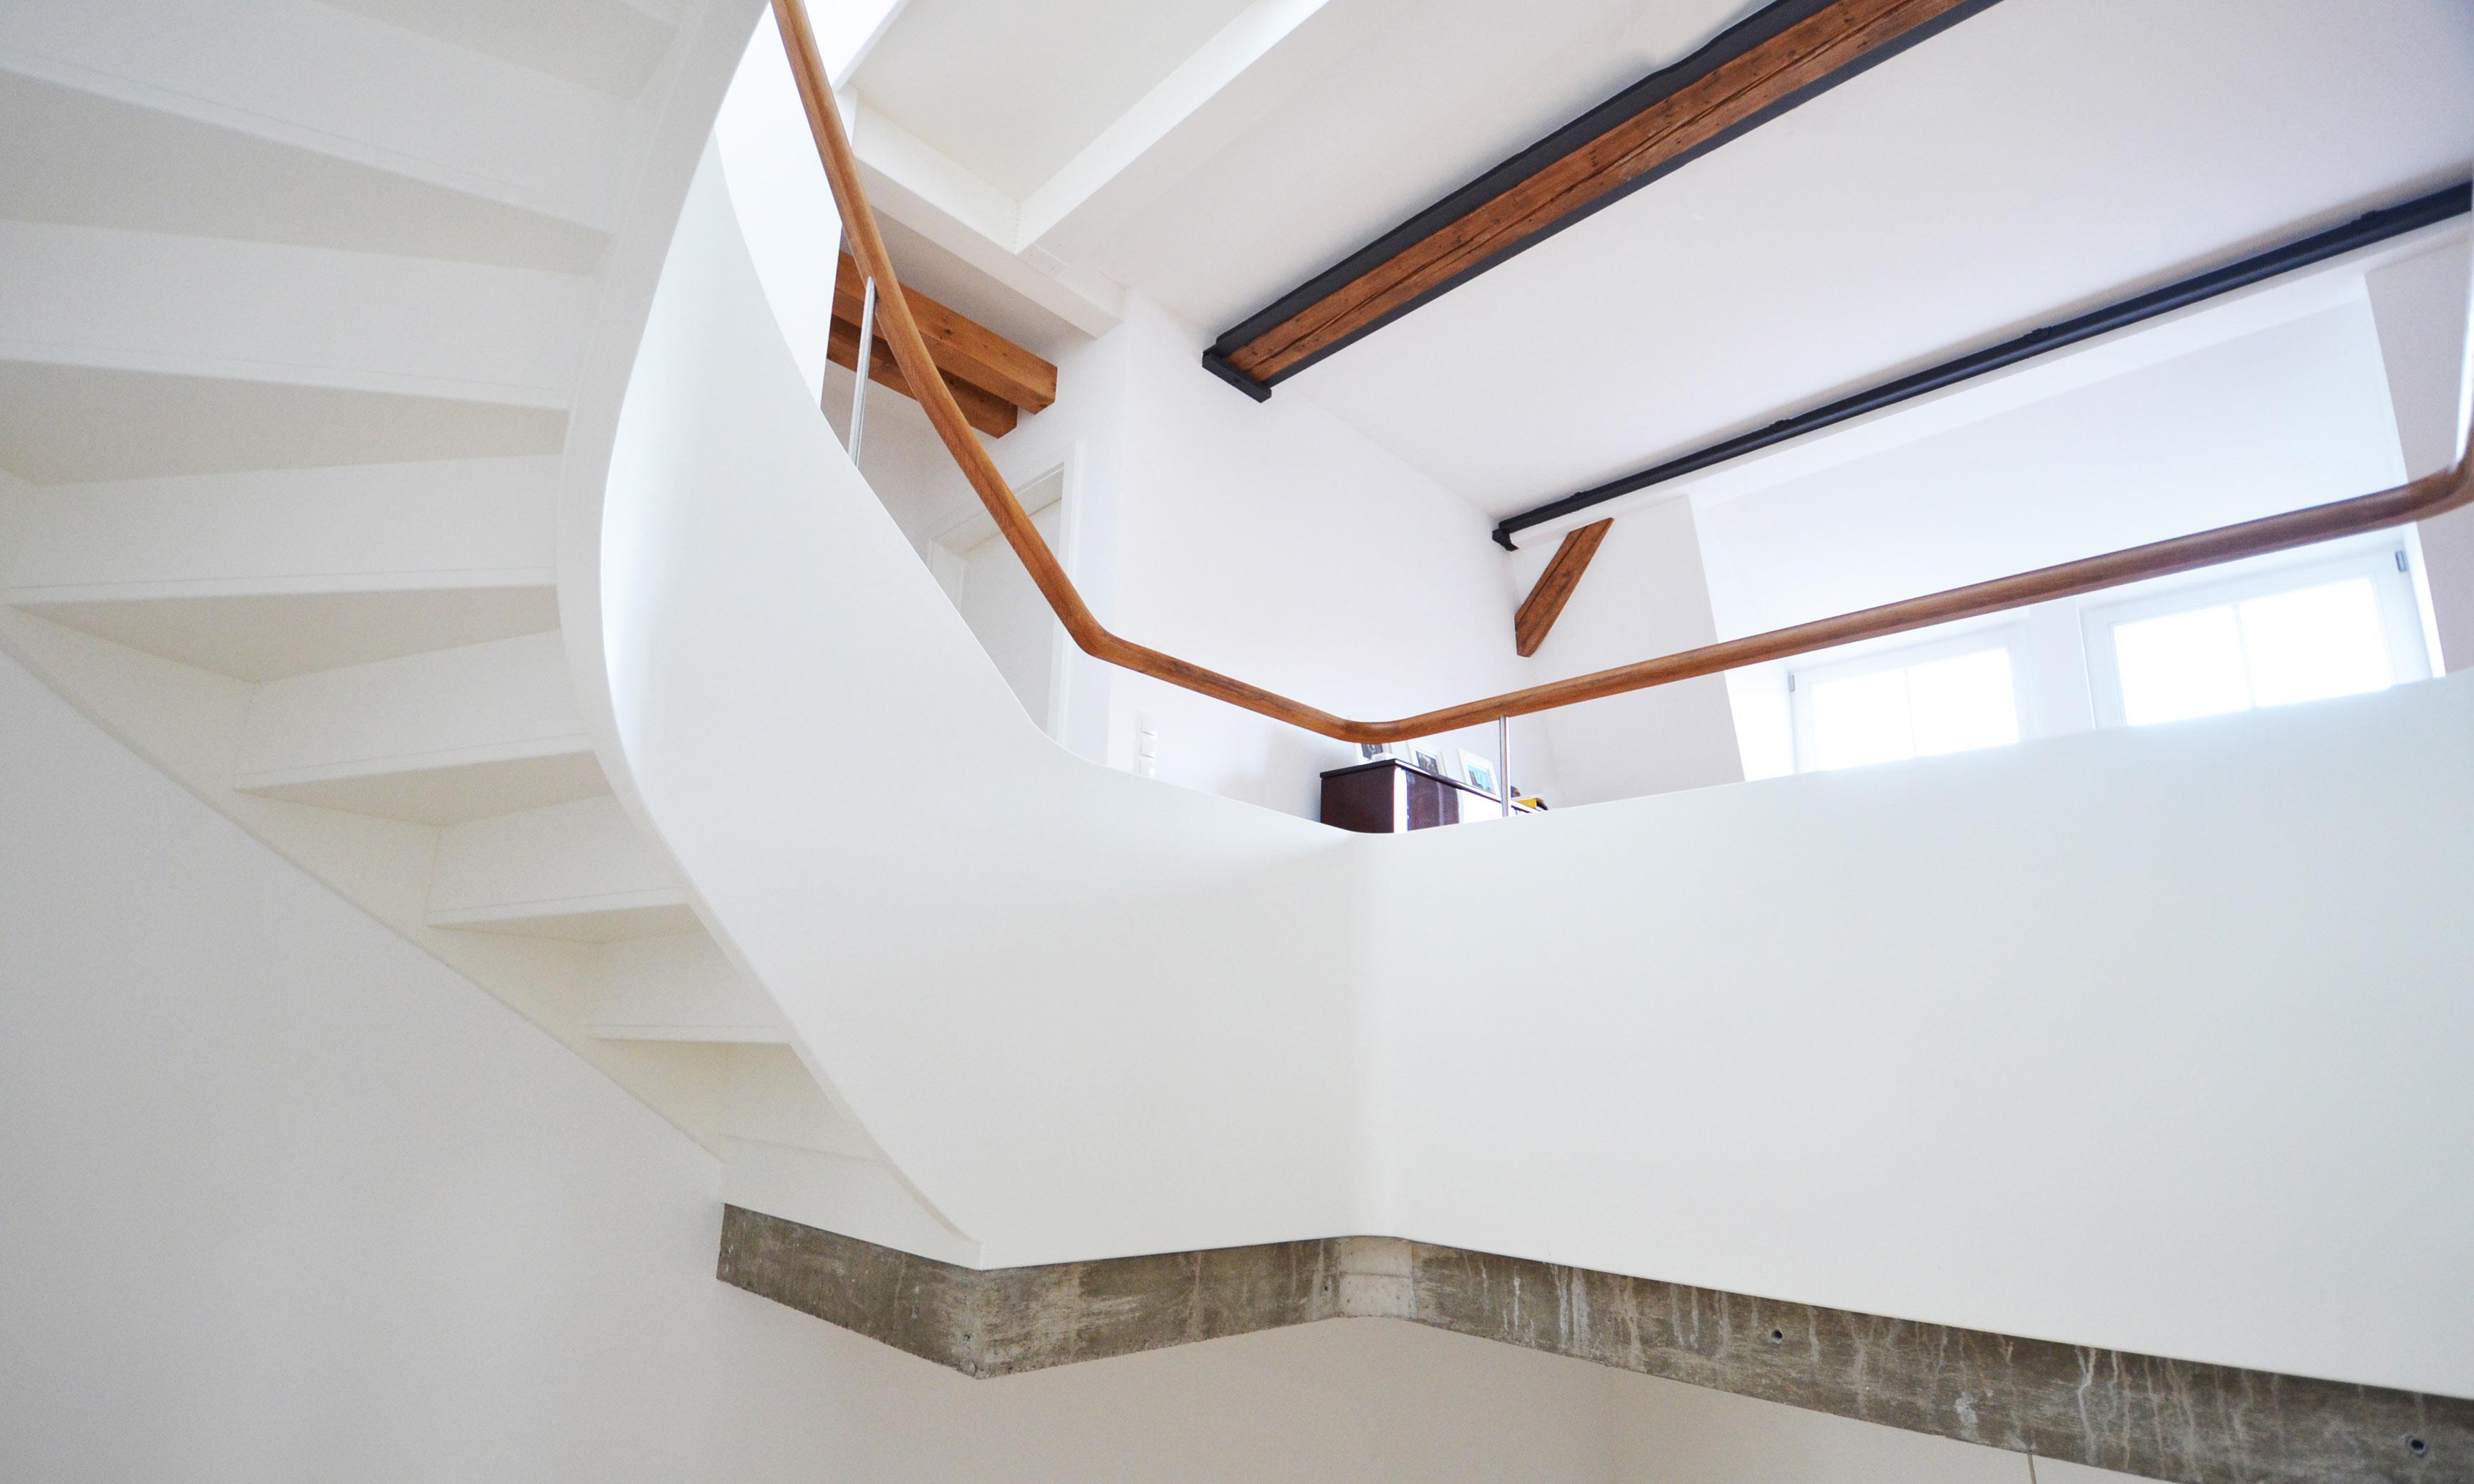 Treppenbau Diehl in Frankfurt. Wangentreppe mit bestechender Leichtigkeit-3